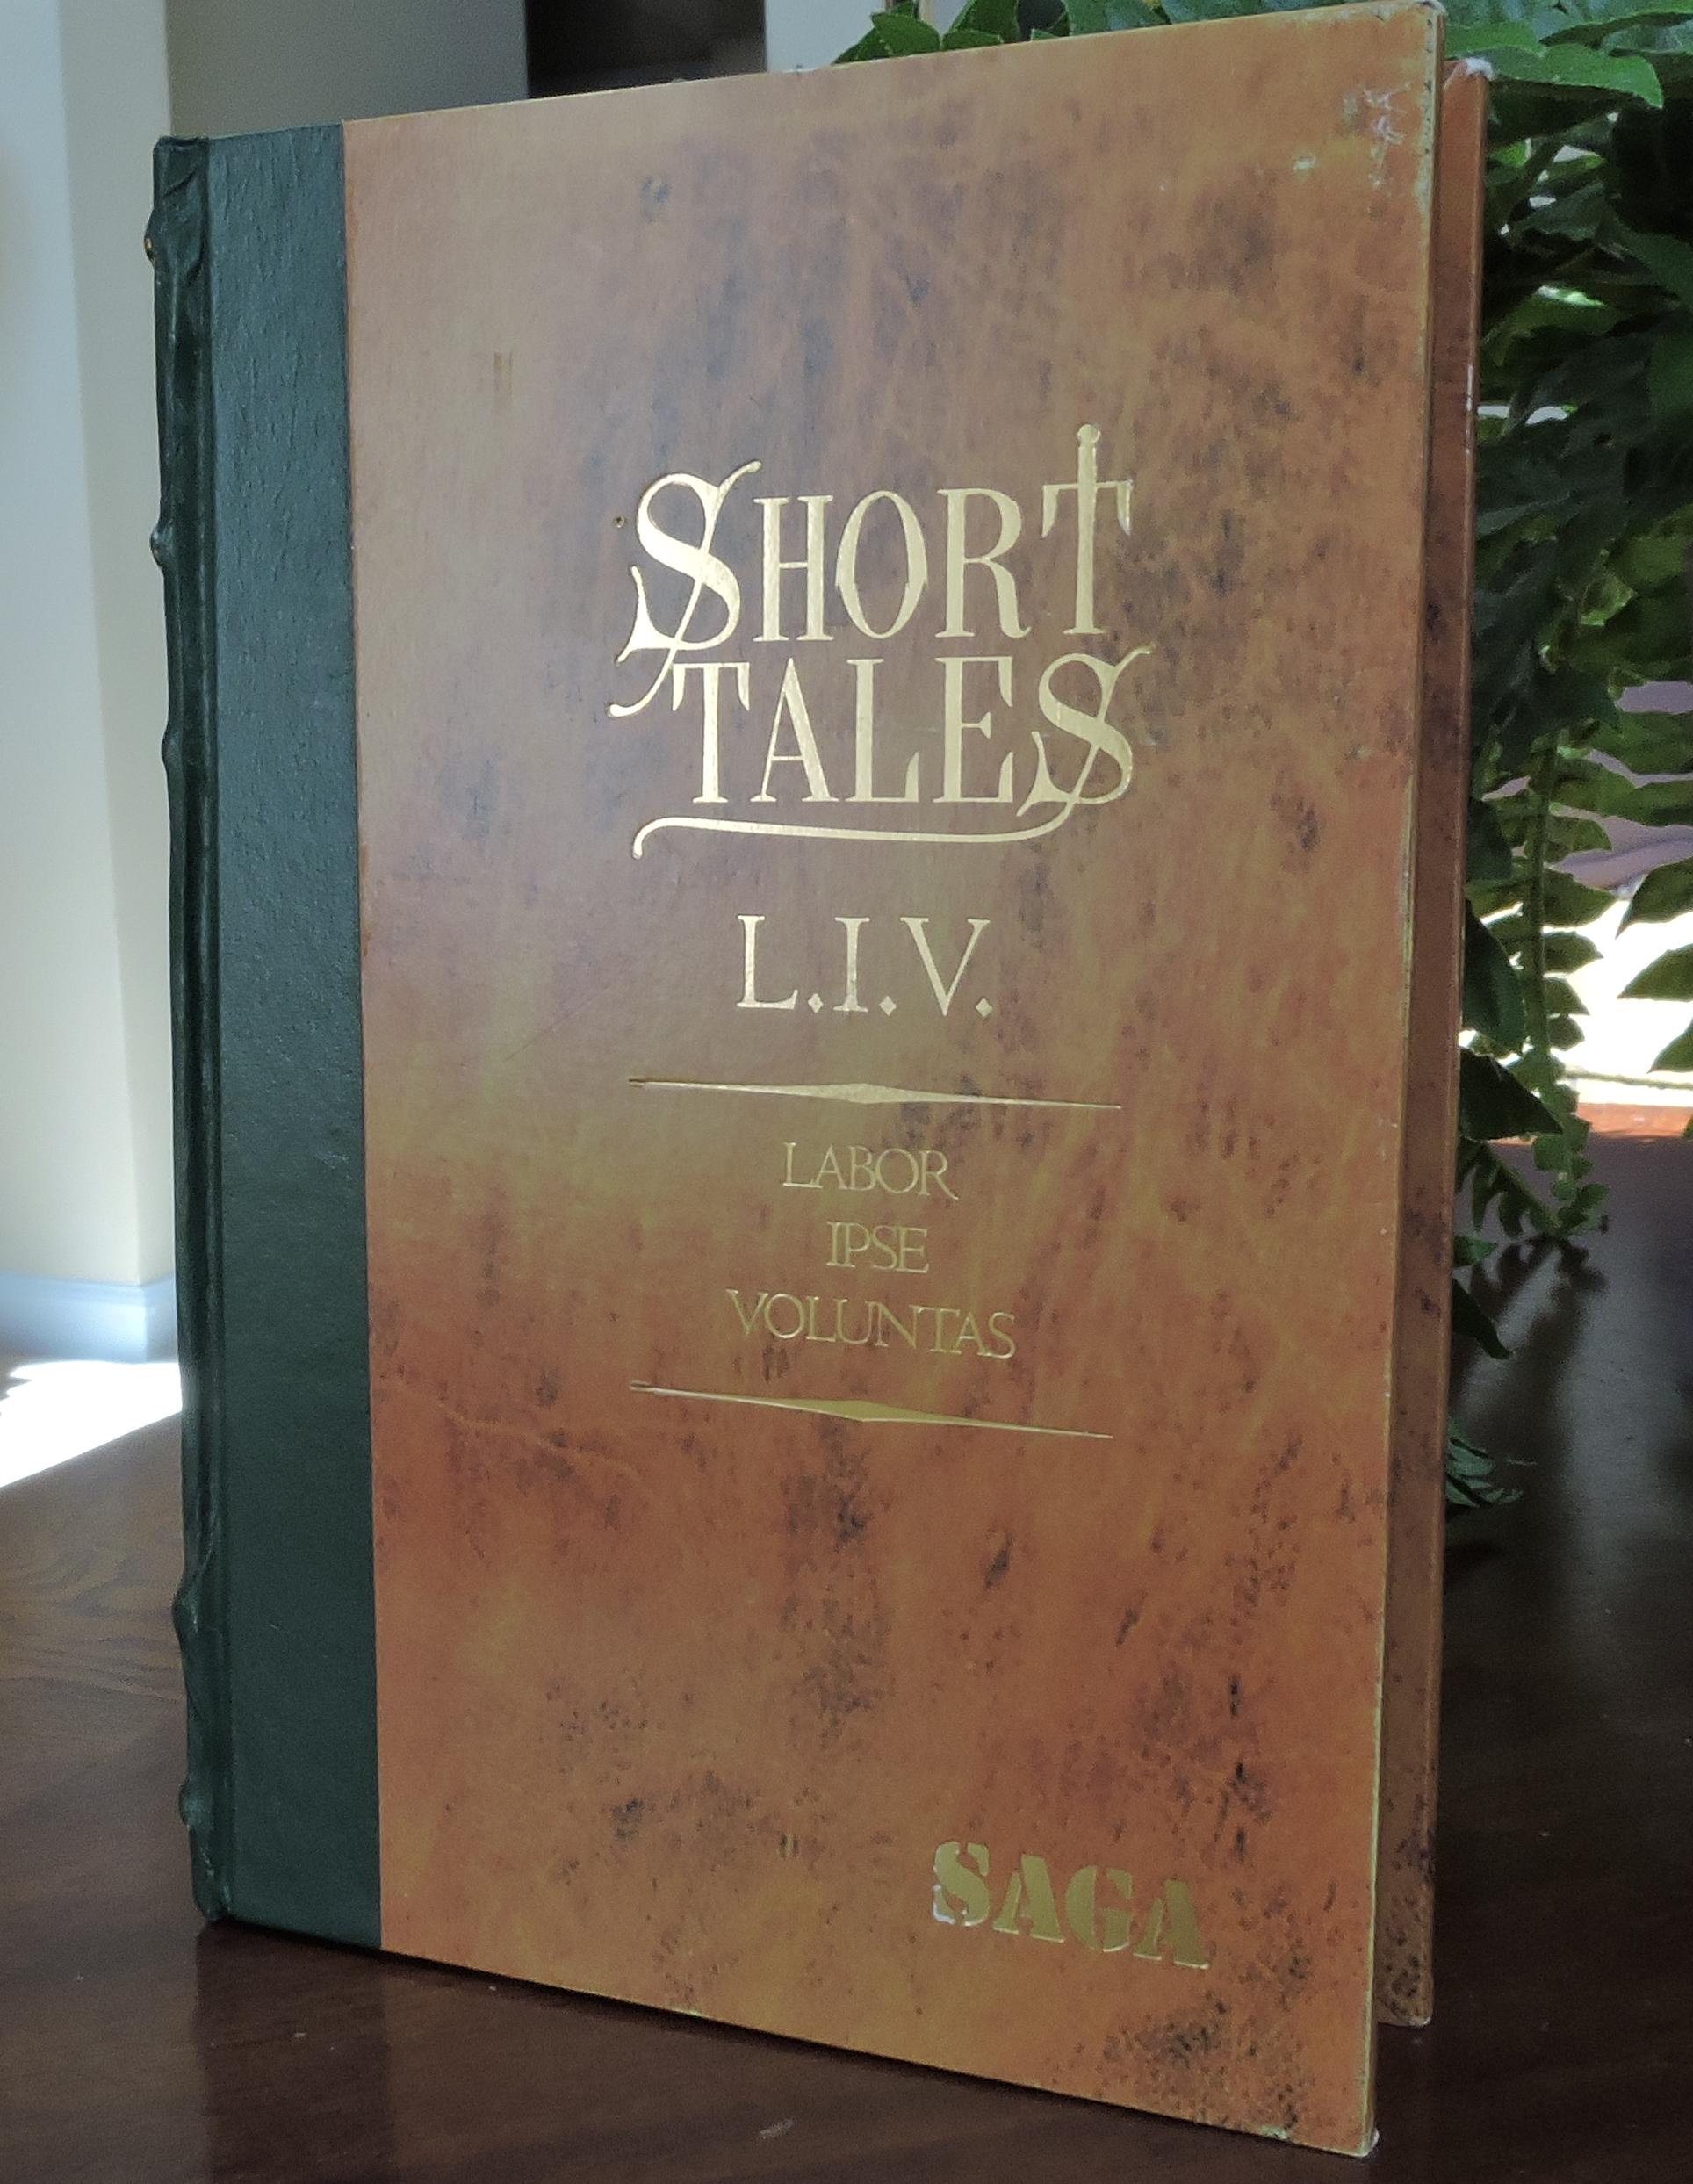 Saga Short Tales Tomo III-L.I.V..-Front